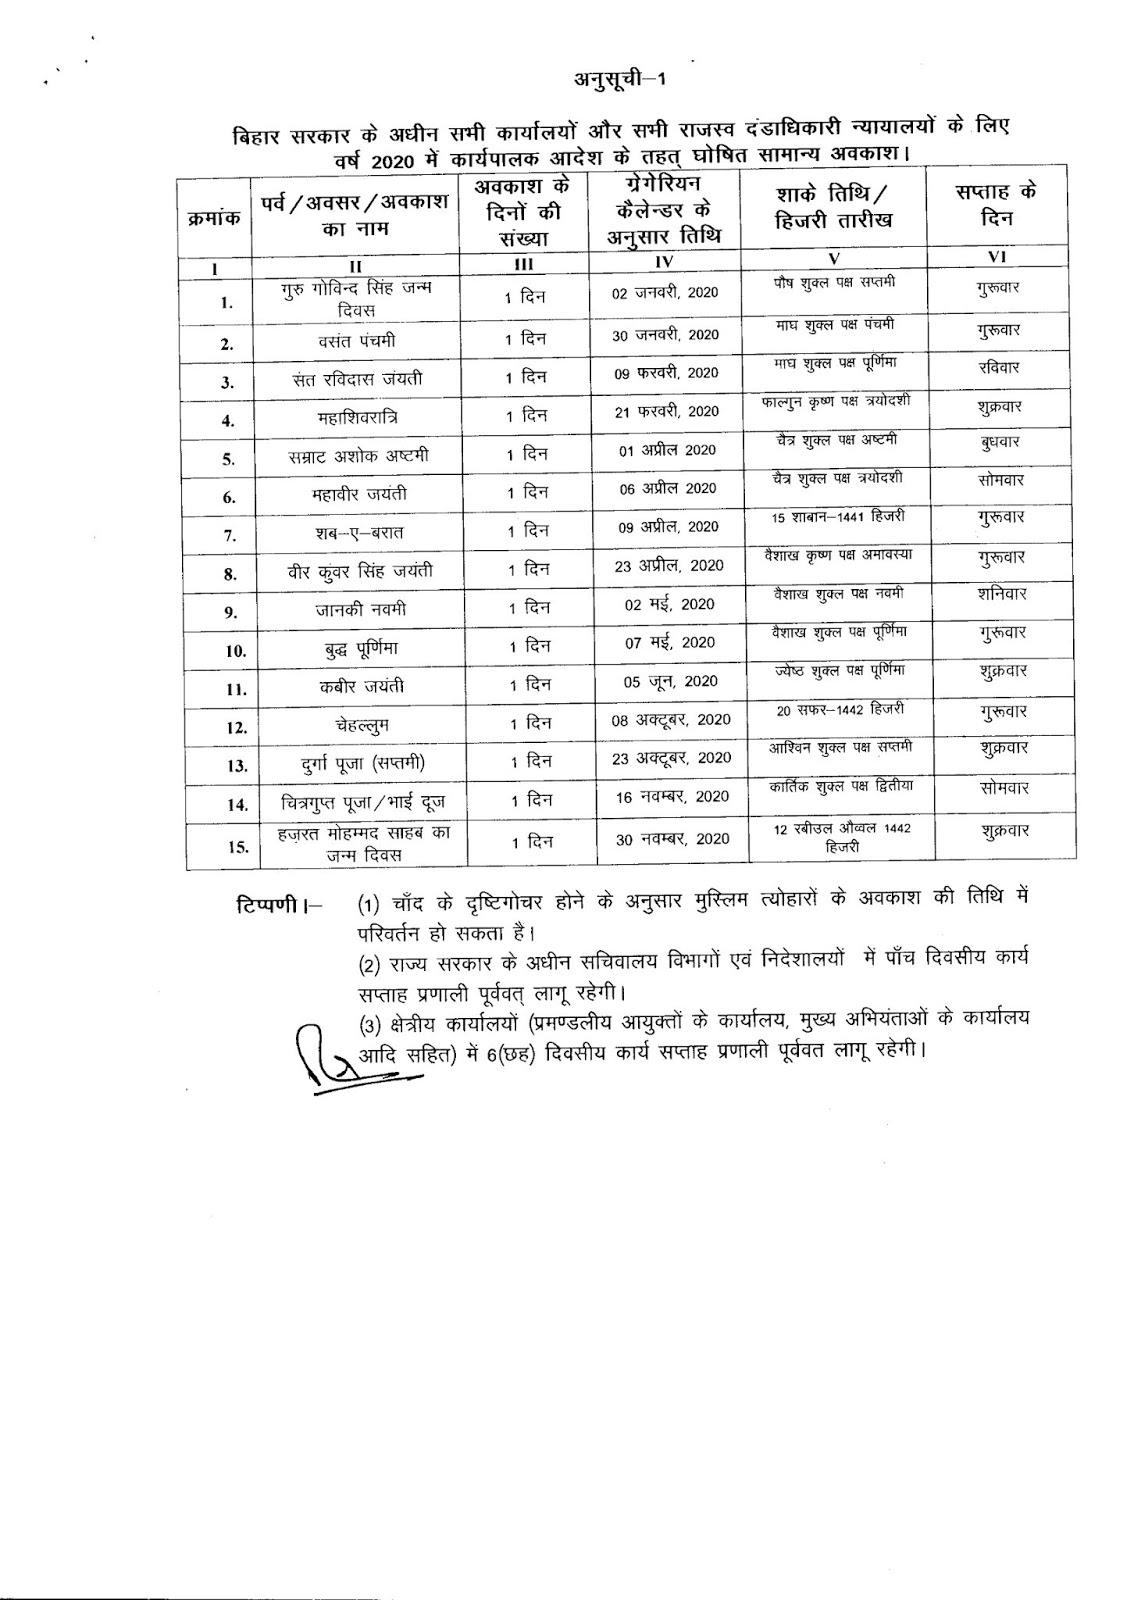 Bihar Government Calendar 2020 #educratsweb with regard to Bihar Sarkar Ka Calendar 2020